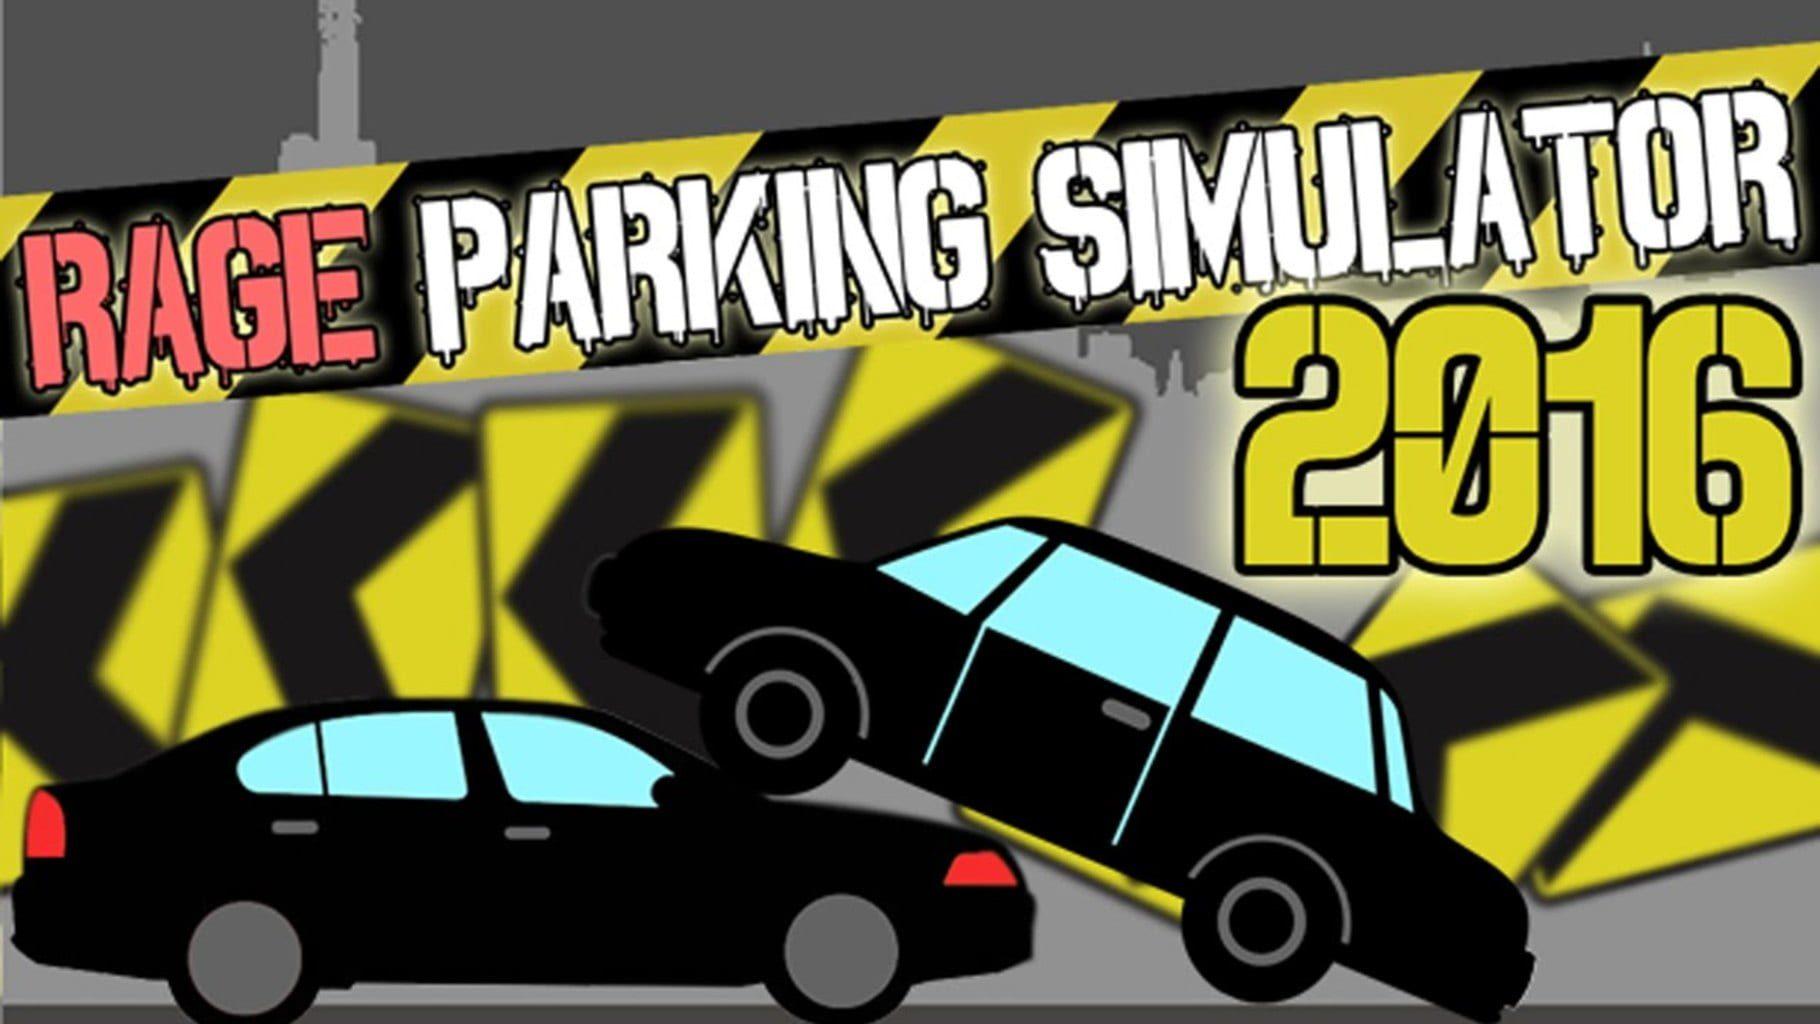 buy Rage Parking Simulator 2016 cd key for all platform